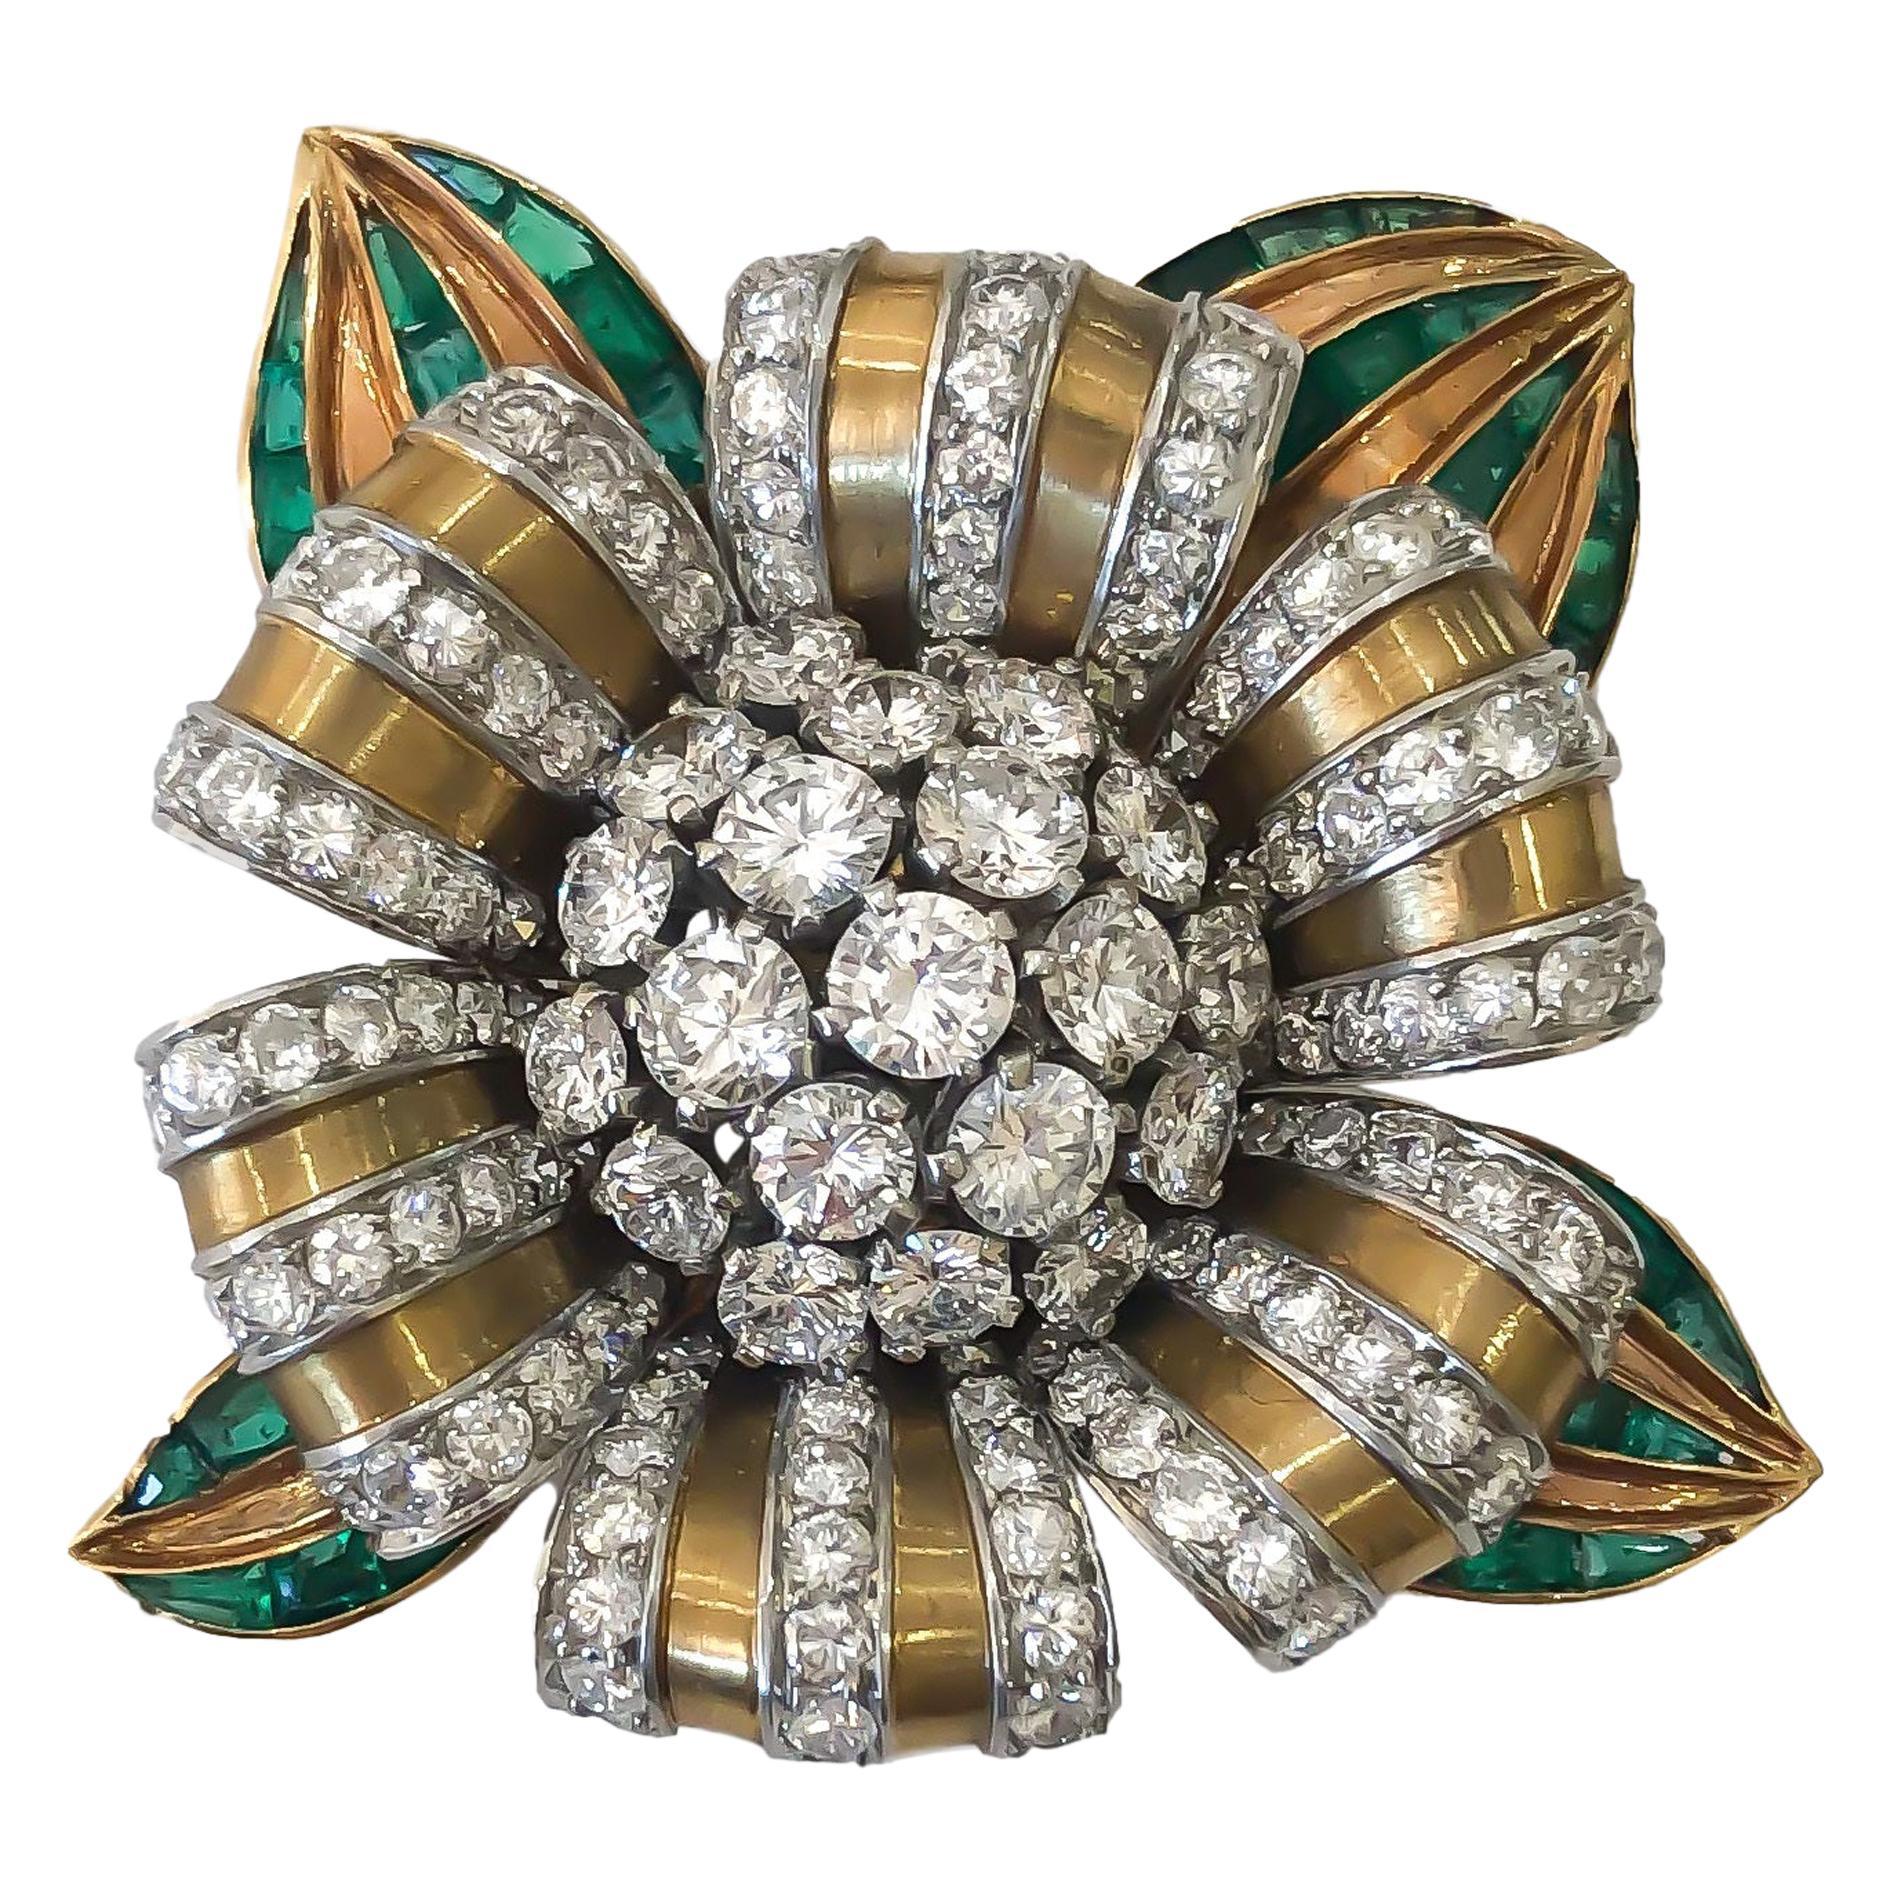 Vintage Van Cleef & Arpels Diamond and Emerald Brooch 18 Karat